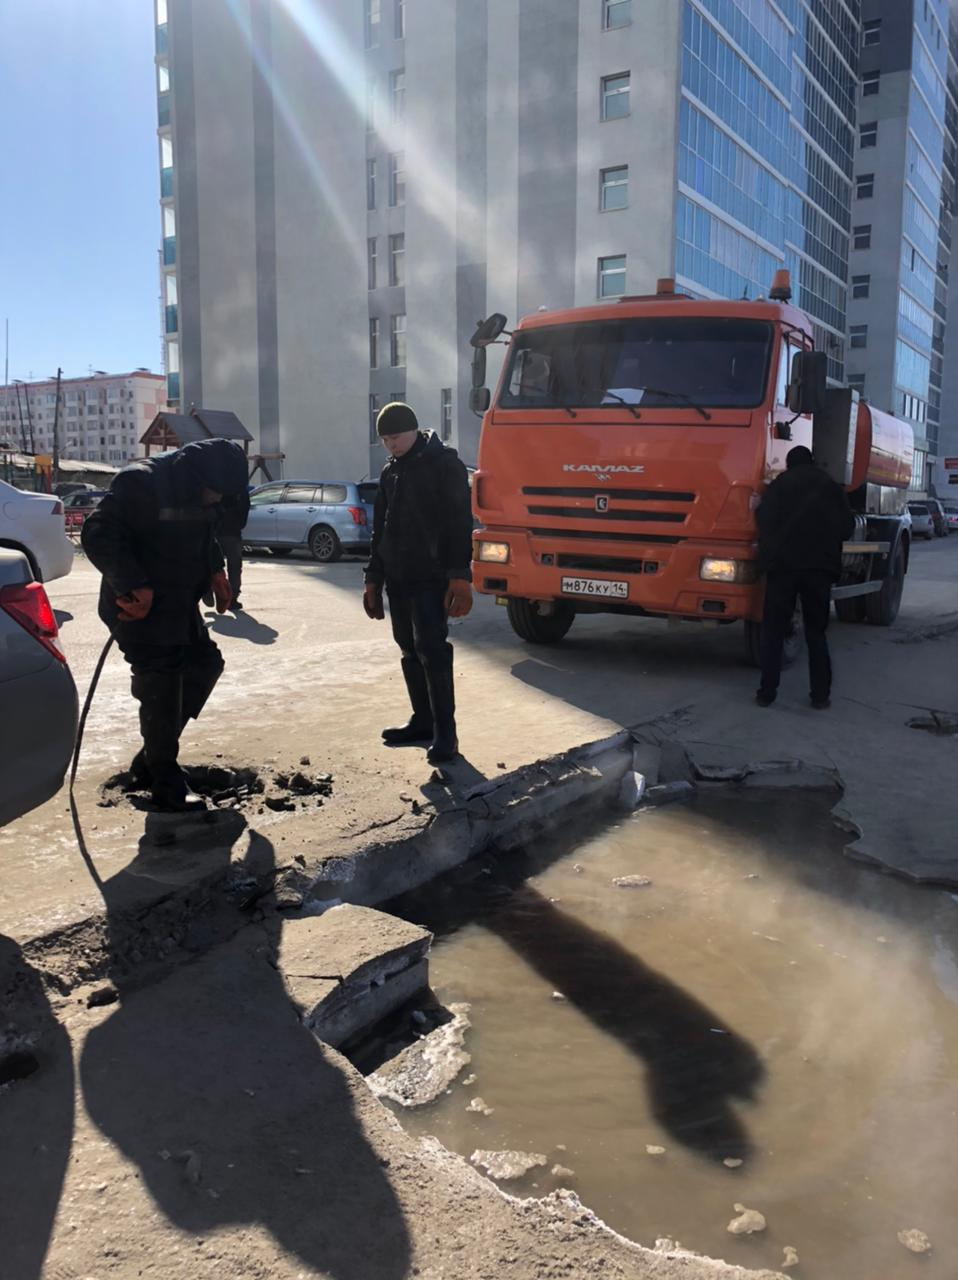 Аварийная ситуация по ул. Короленко, 25 оперативно устранена